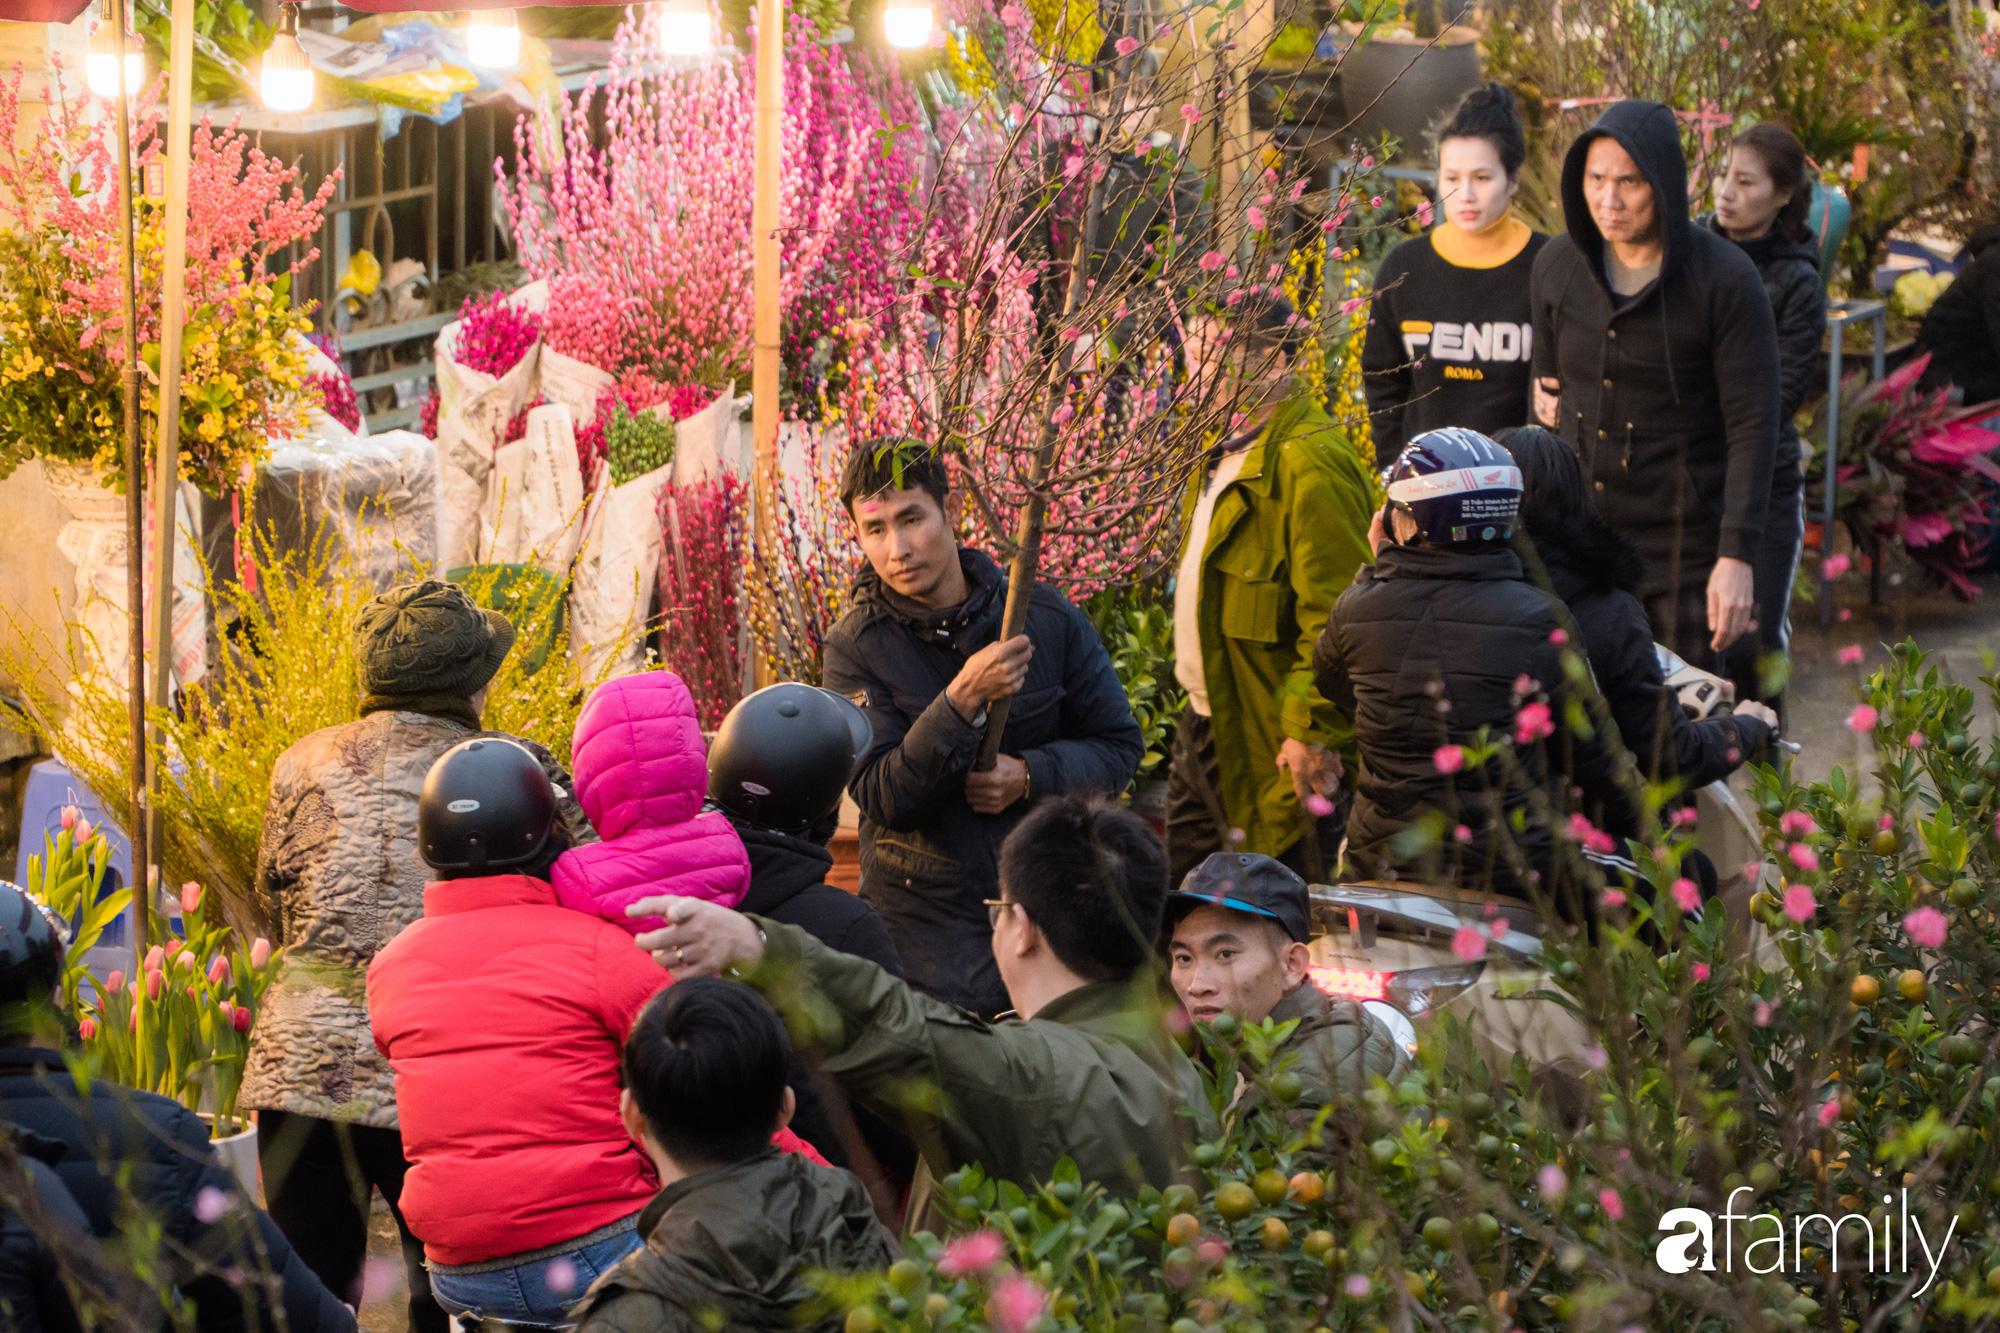 Những khoảnh khắc bình dị ngày cuối năm ở chợ hoa Quảng An, dù lạnh thấu xương nhưng người Hà Nội vẫn nô nức sắm hoa chơi Tết - Ảnh 9.